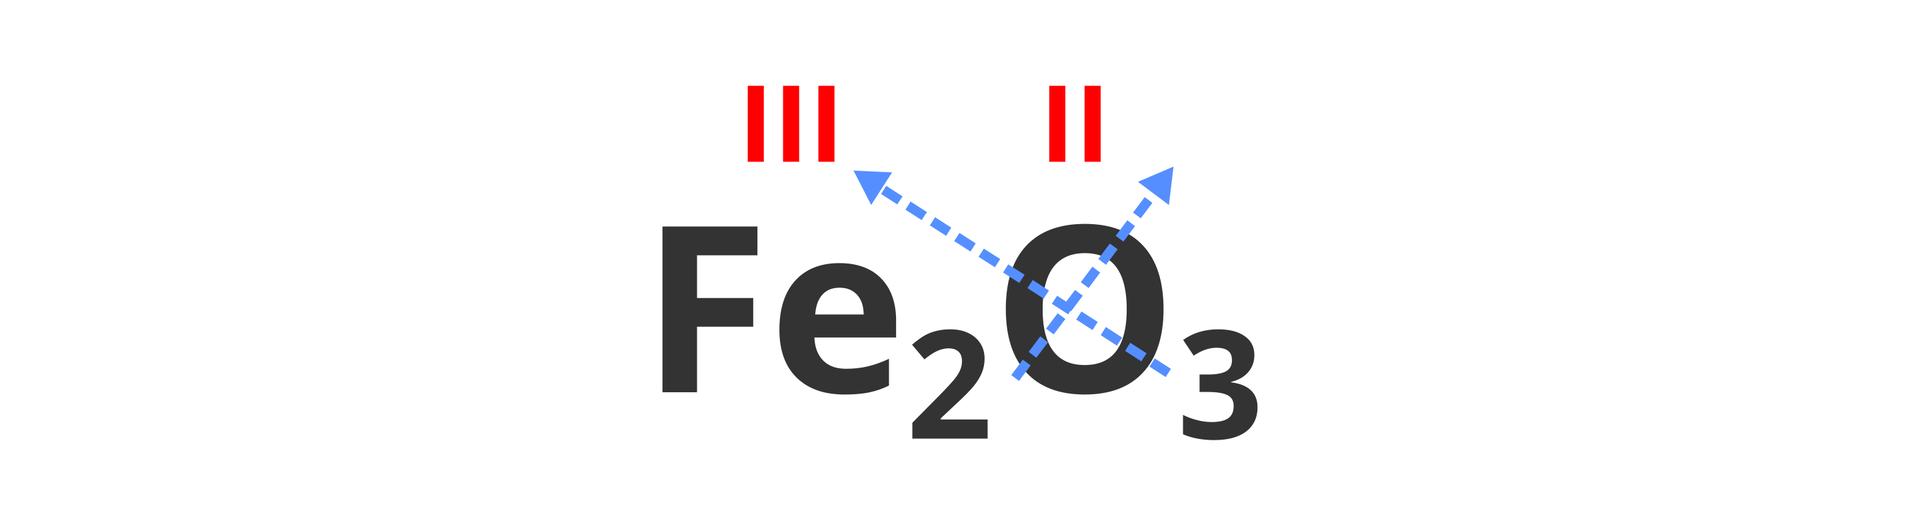 Na ilustracji znajduje się zapisana sumarycznie cząsteczka tlenku żelaza owzorze Fe2O3. Współczynniki stechiometryczne przenoszone są na krzyż wgórę nad symbole sąsiadujących pierwiastków, co ilustrują niebieskie ukośne strzałki. Nad symbolami żelaza itlenu widoczne są zapisane czerwonymi rzymskimi liczbami wartościowości wynoszące kolejno trzy idwa.